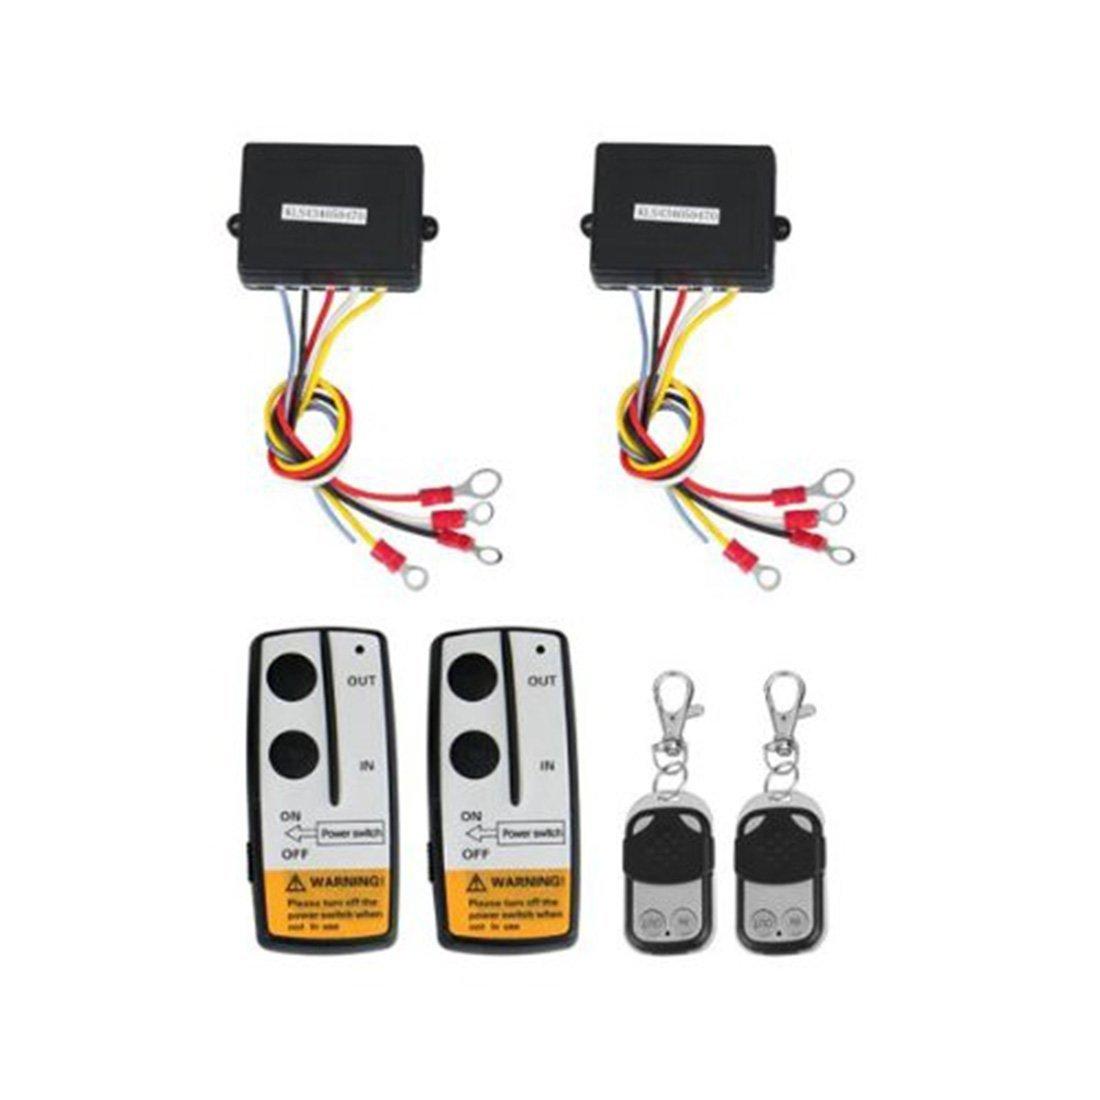 Kit de 2 piezas control remoto y cabrestante inalá mbricos para camió n Jeep, ATV y todoterreno de 15 m y 12 V Luwu-Store LEPACA1542